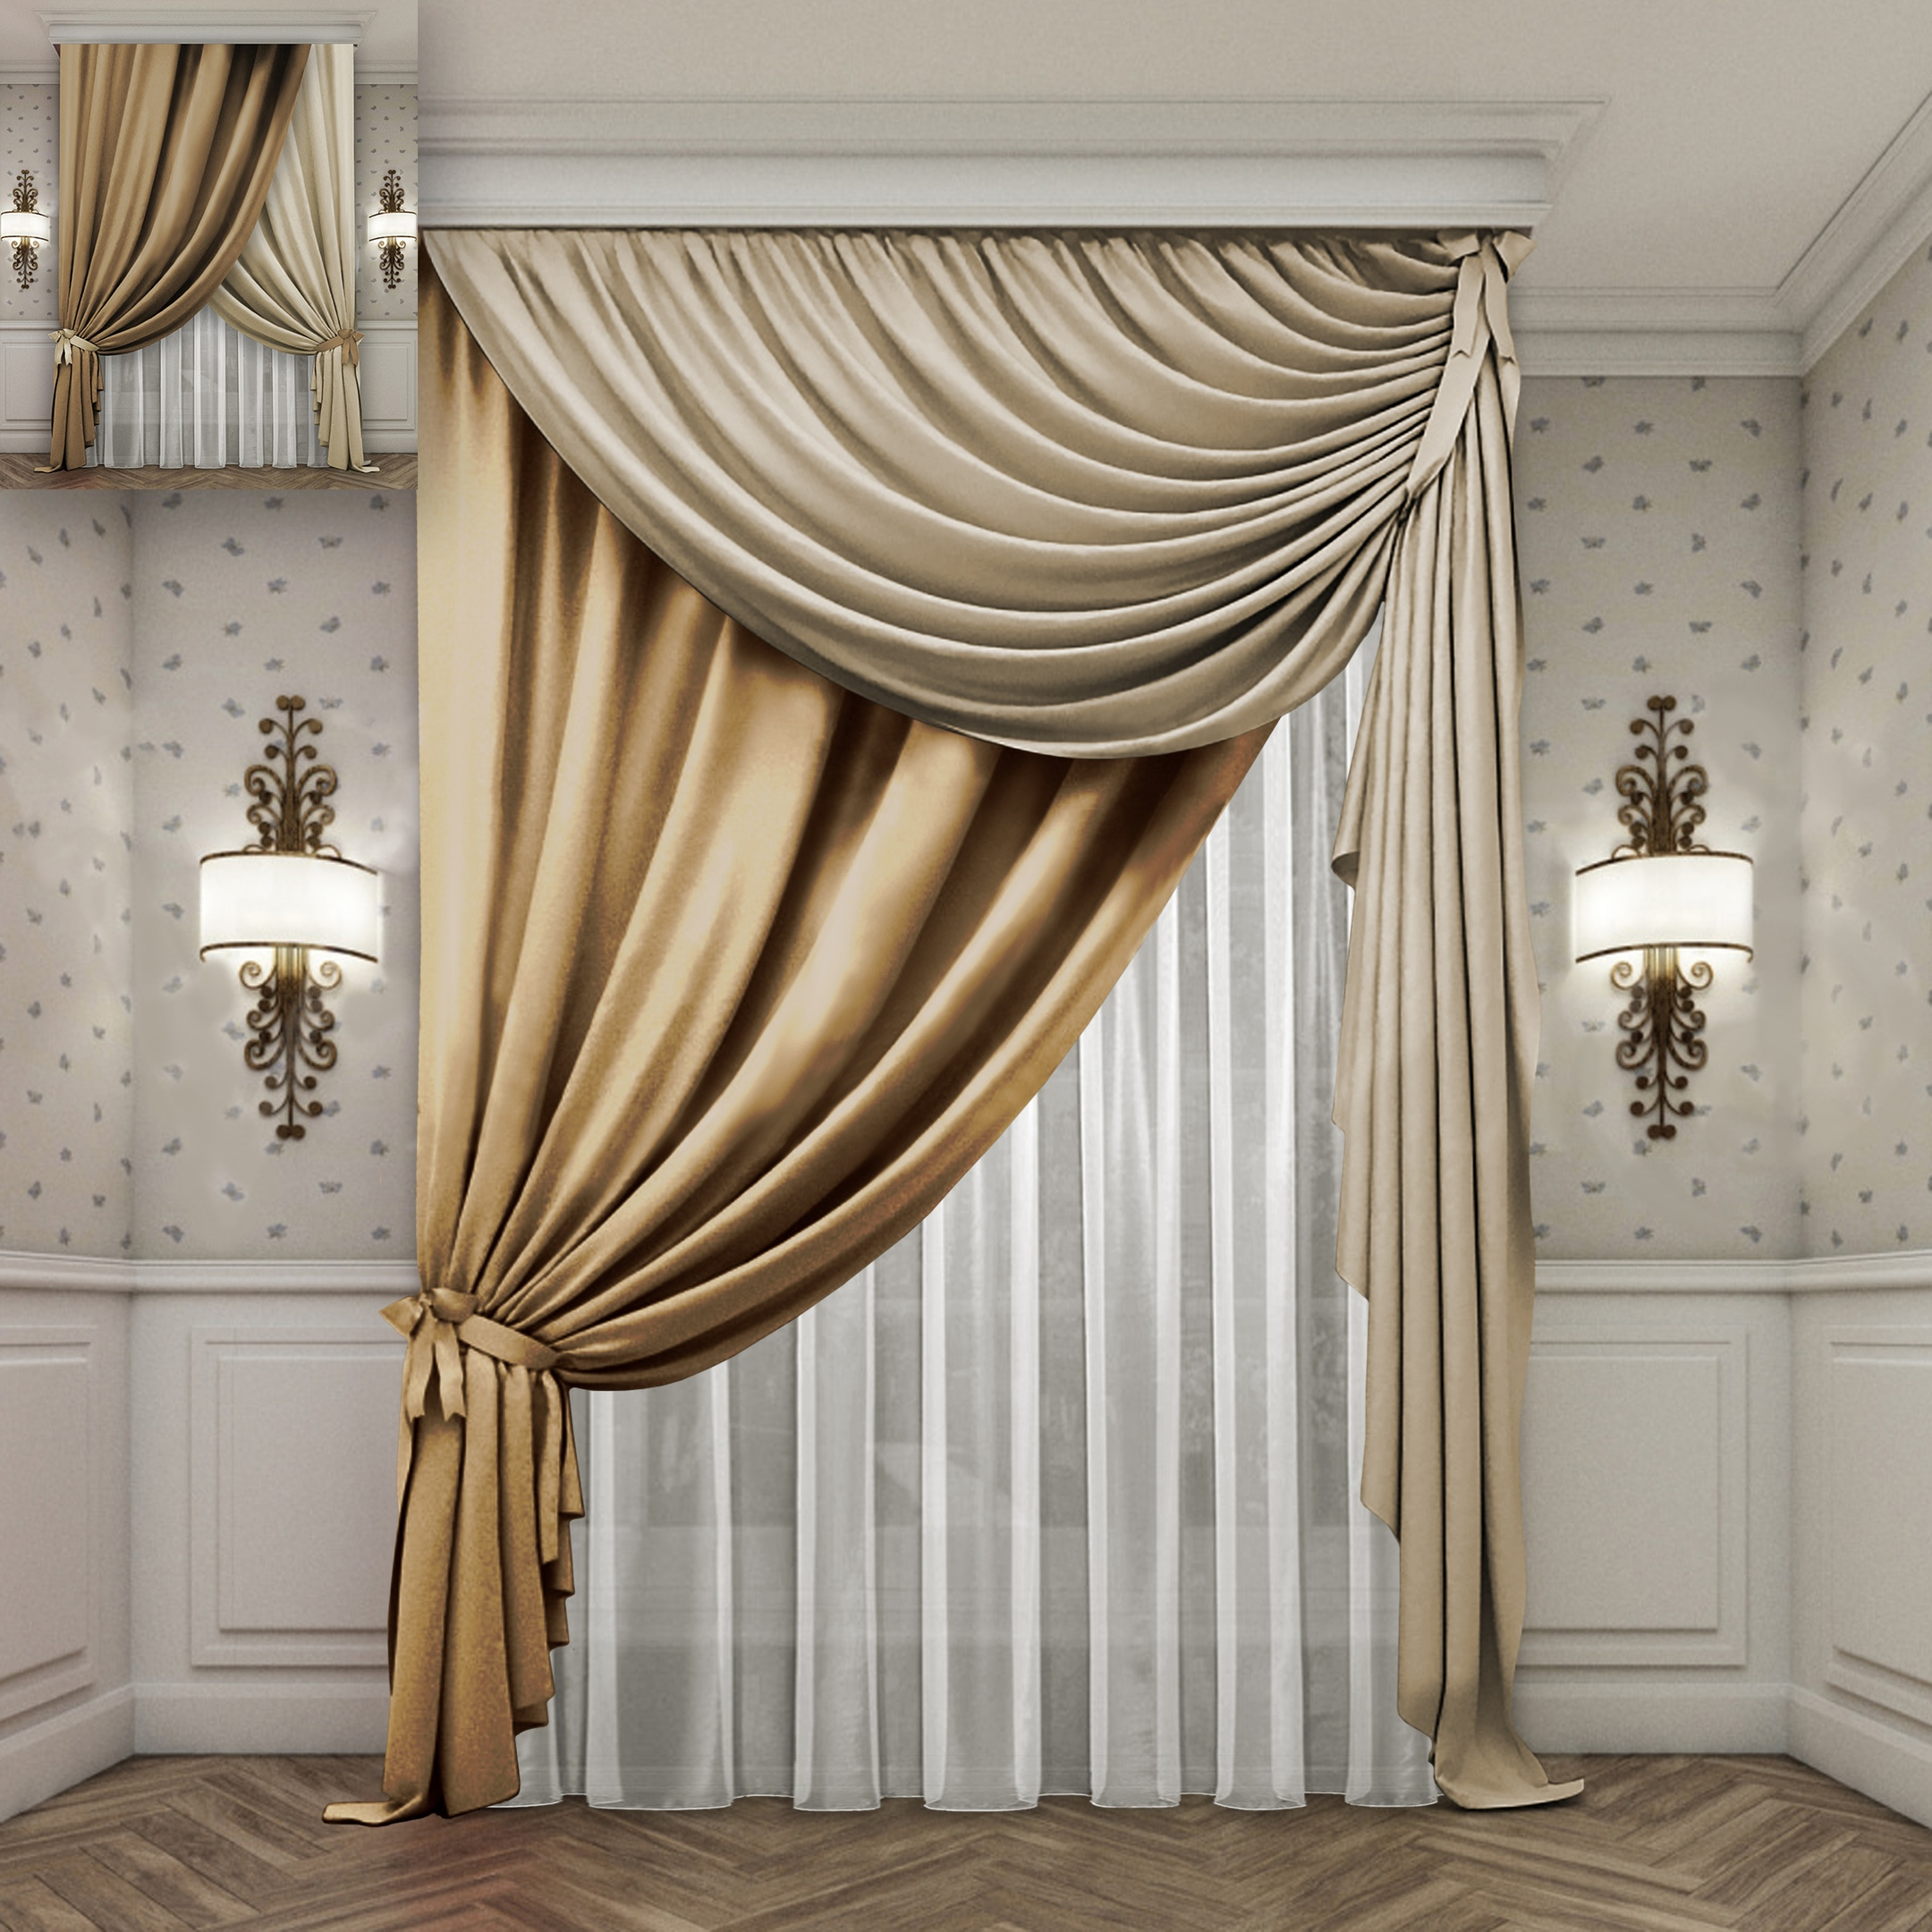 рядов шторы без ламбрекенов фото могут прикрепляться стенкам